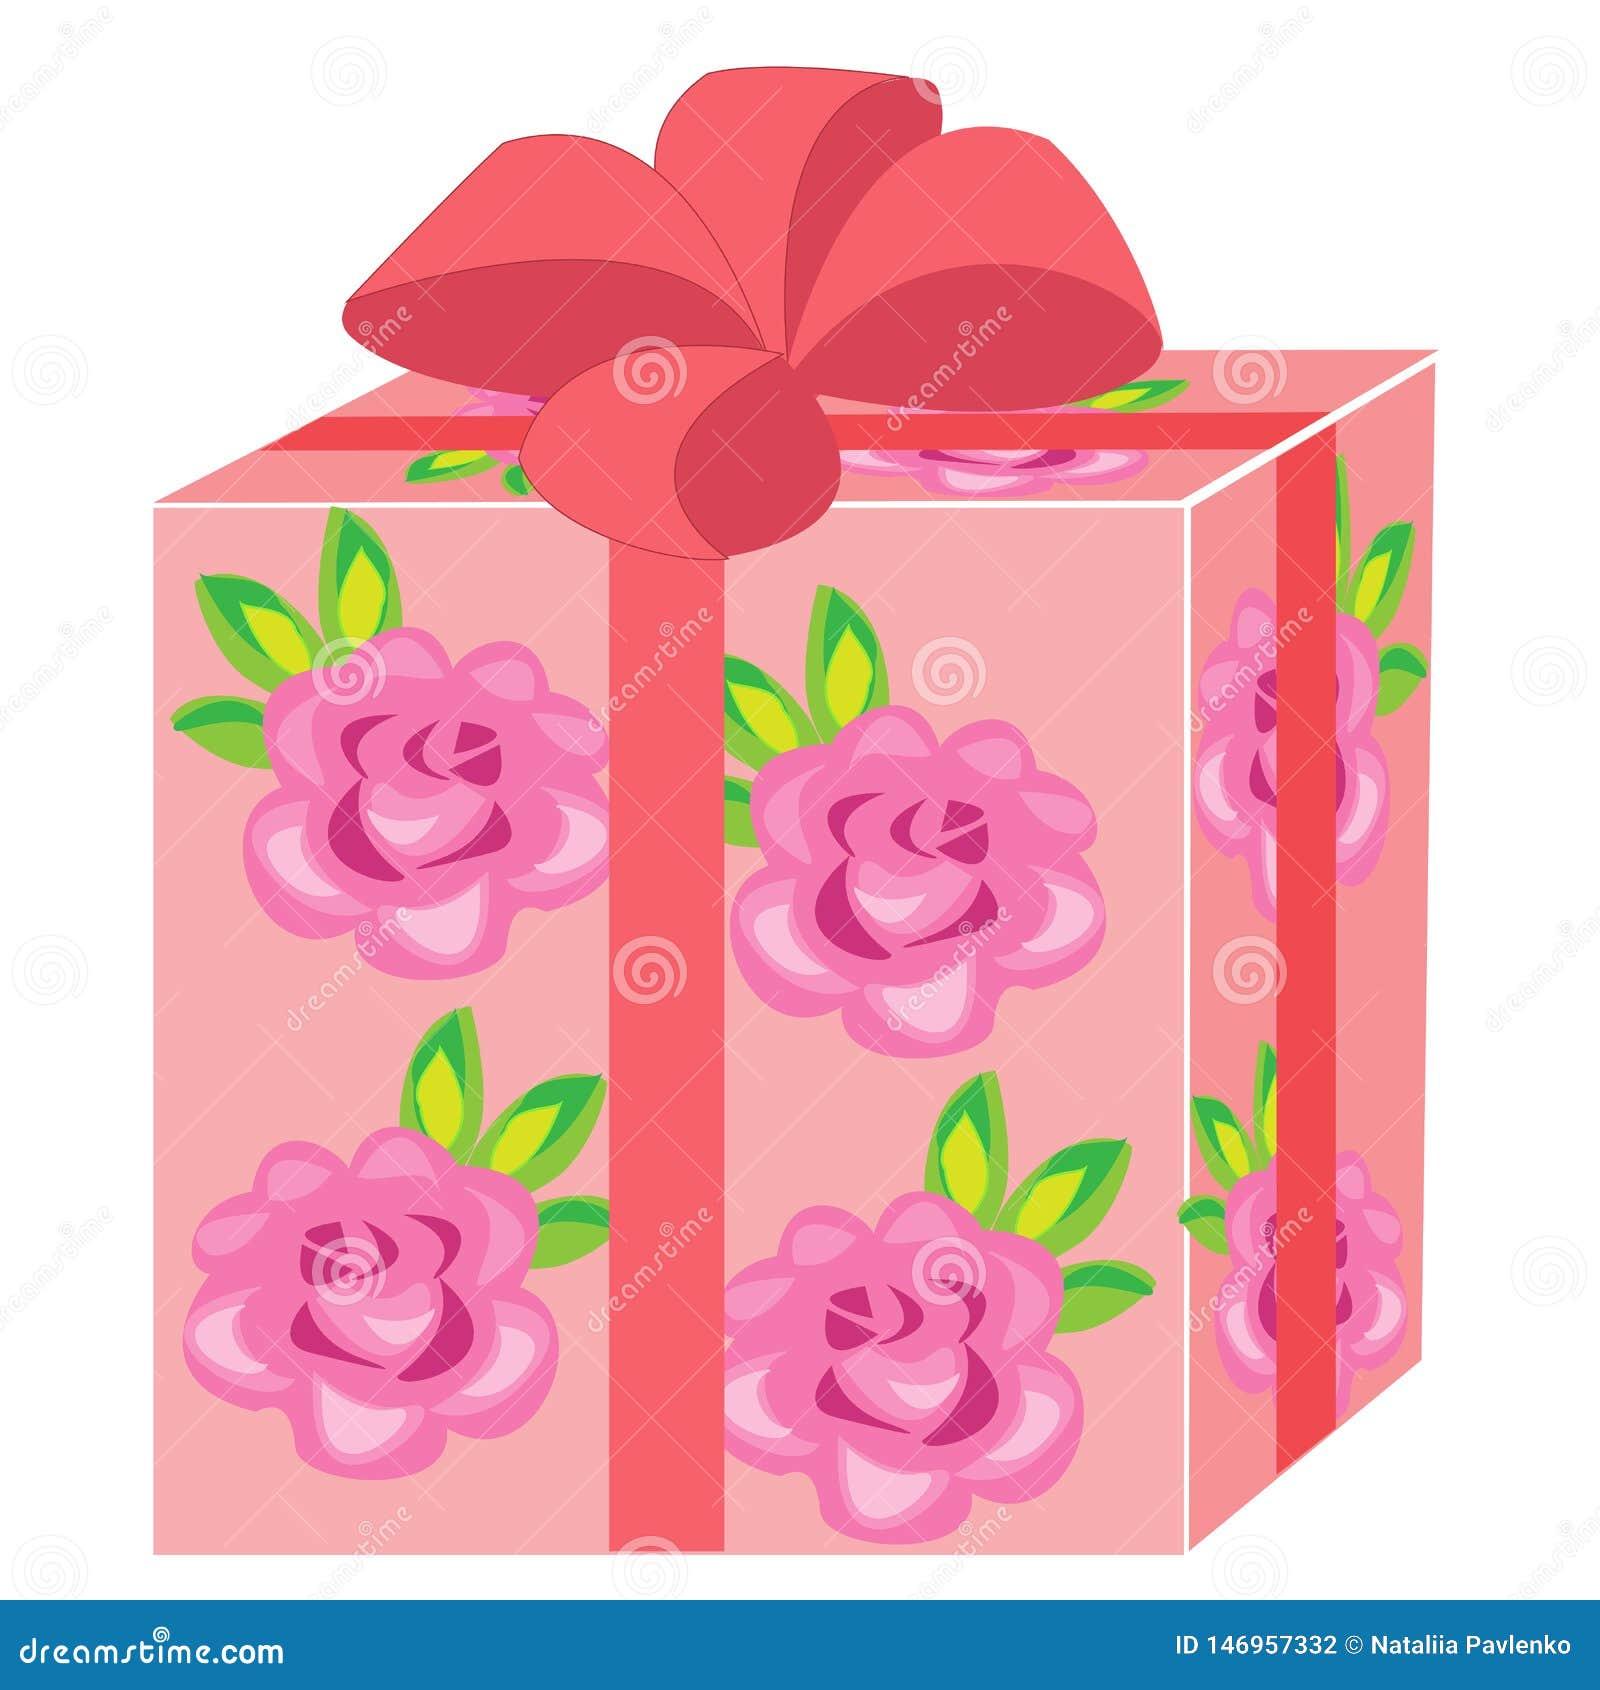 Een mooie gift De doos wordt ingepakt voor een vakantie Het pakket is roze, verfraaid met rozen De rode boog is gebonden op boven